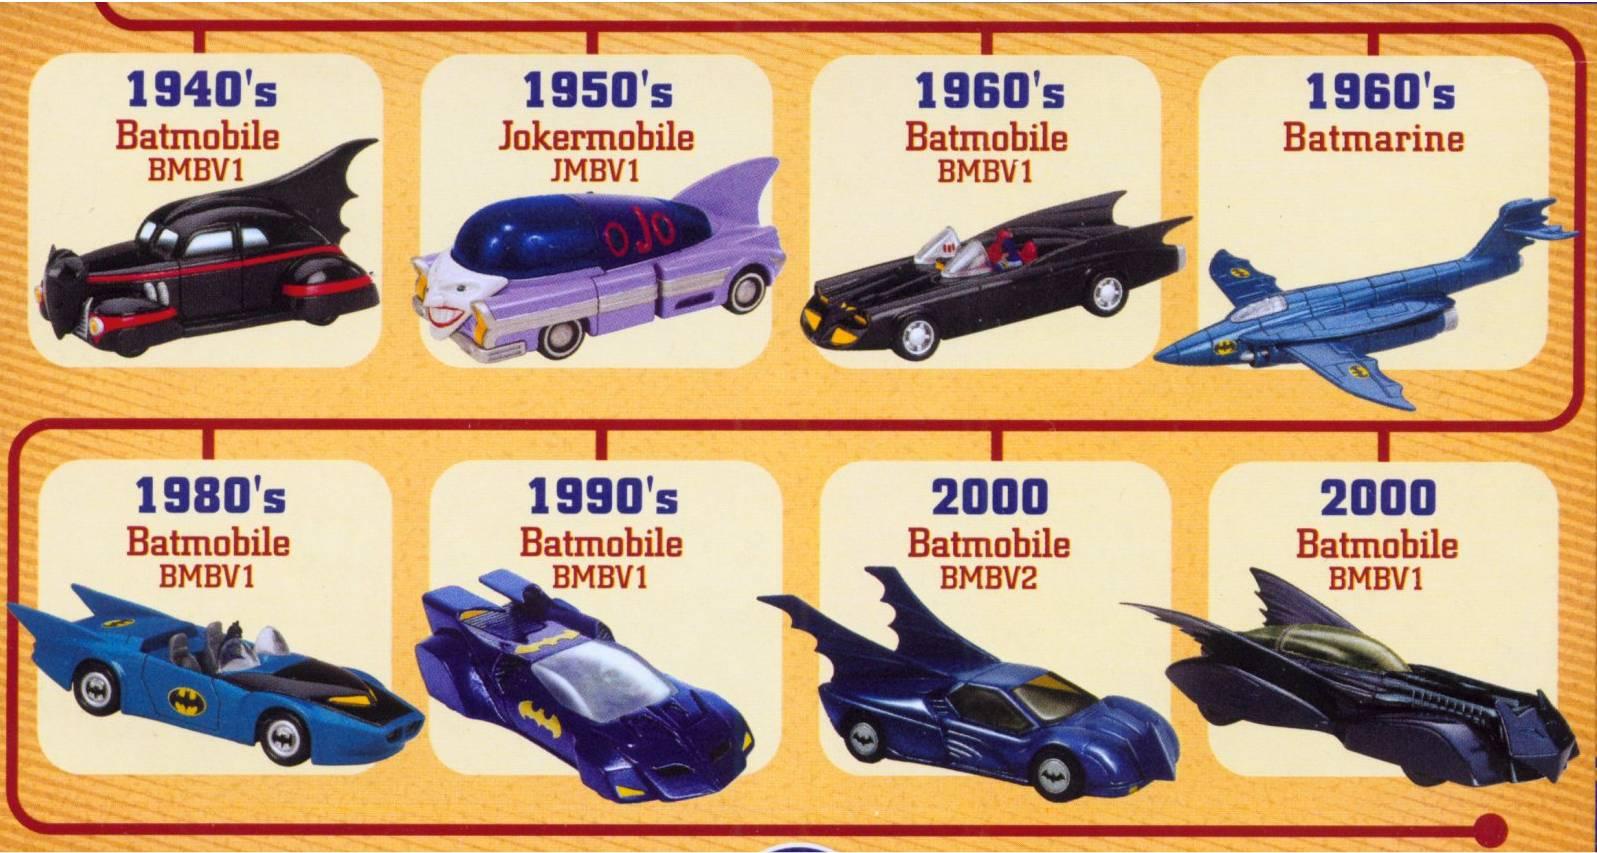 Batmobile Timeline